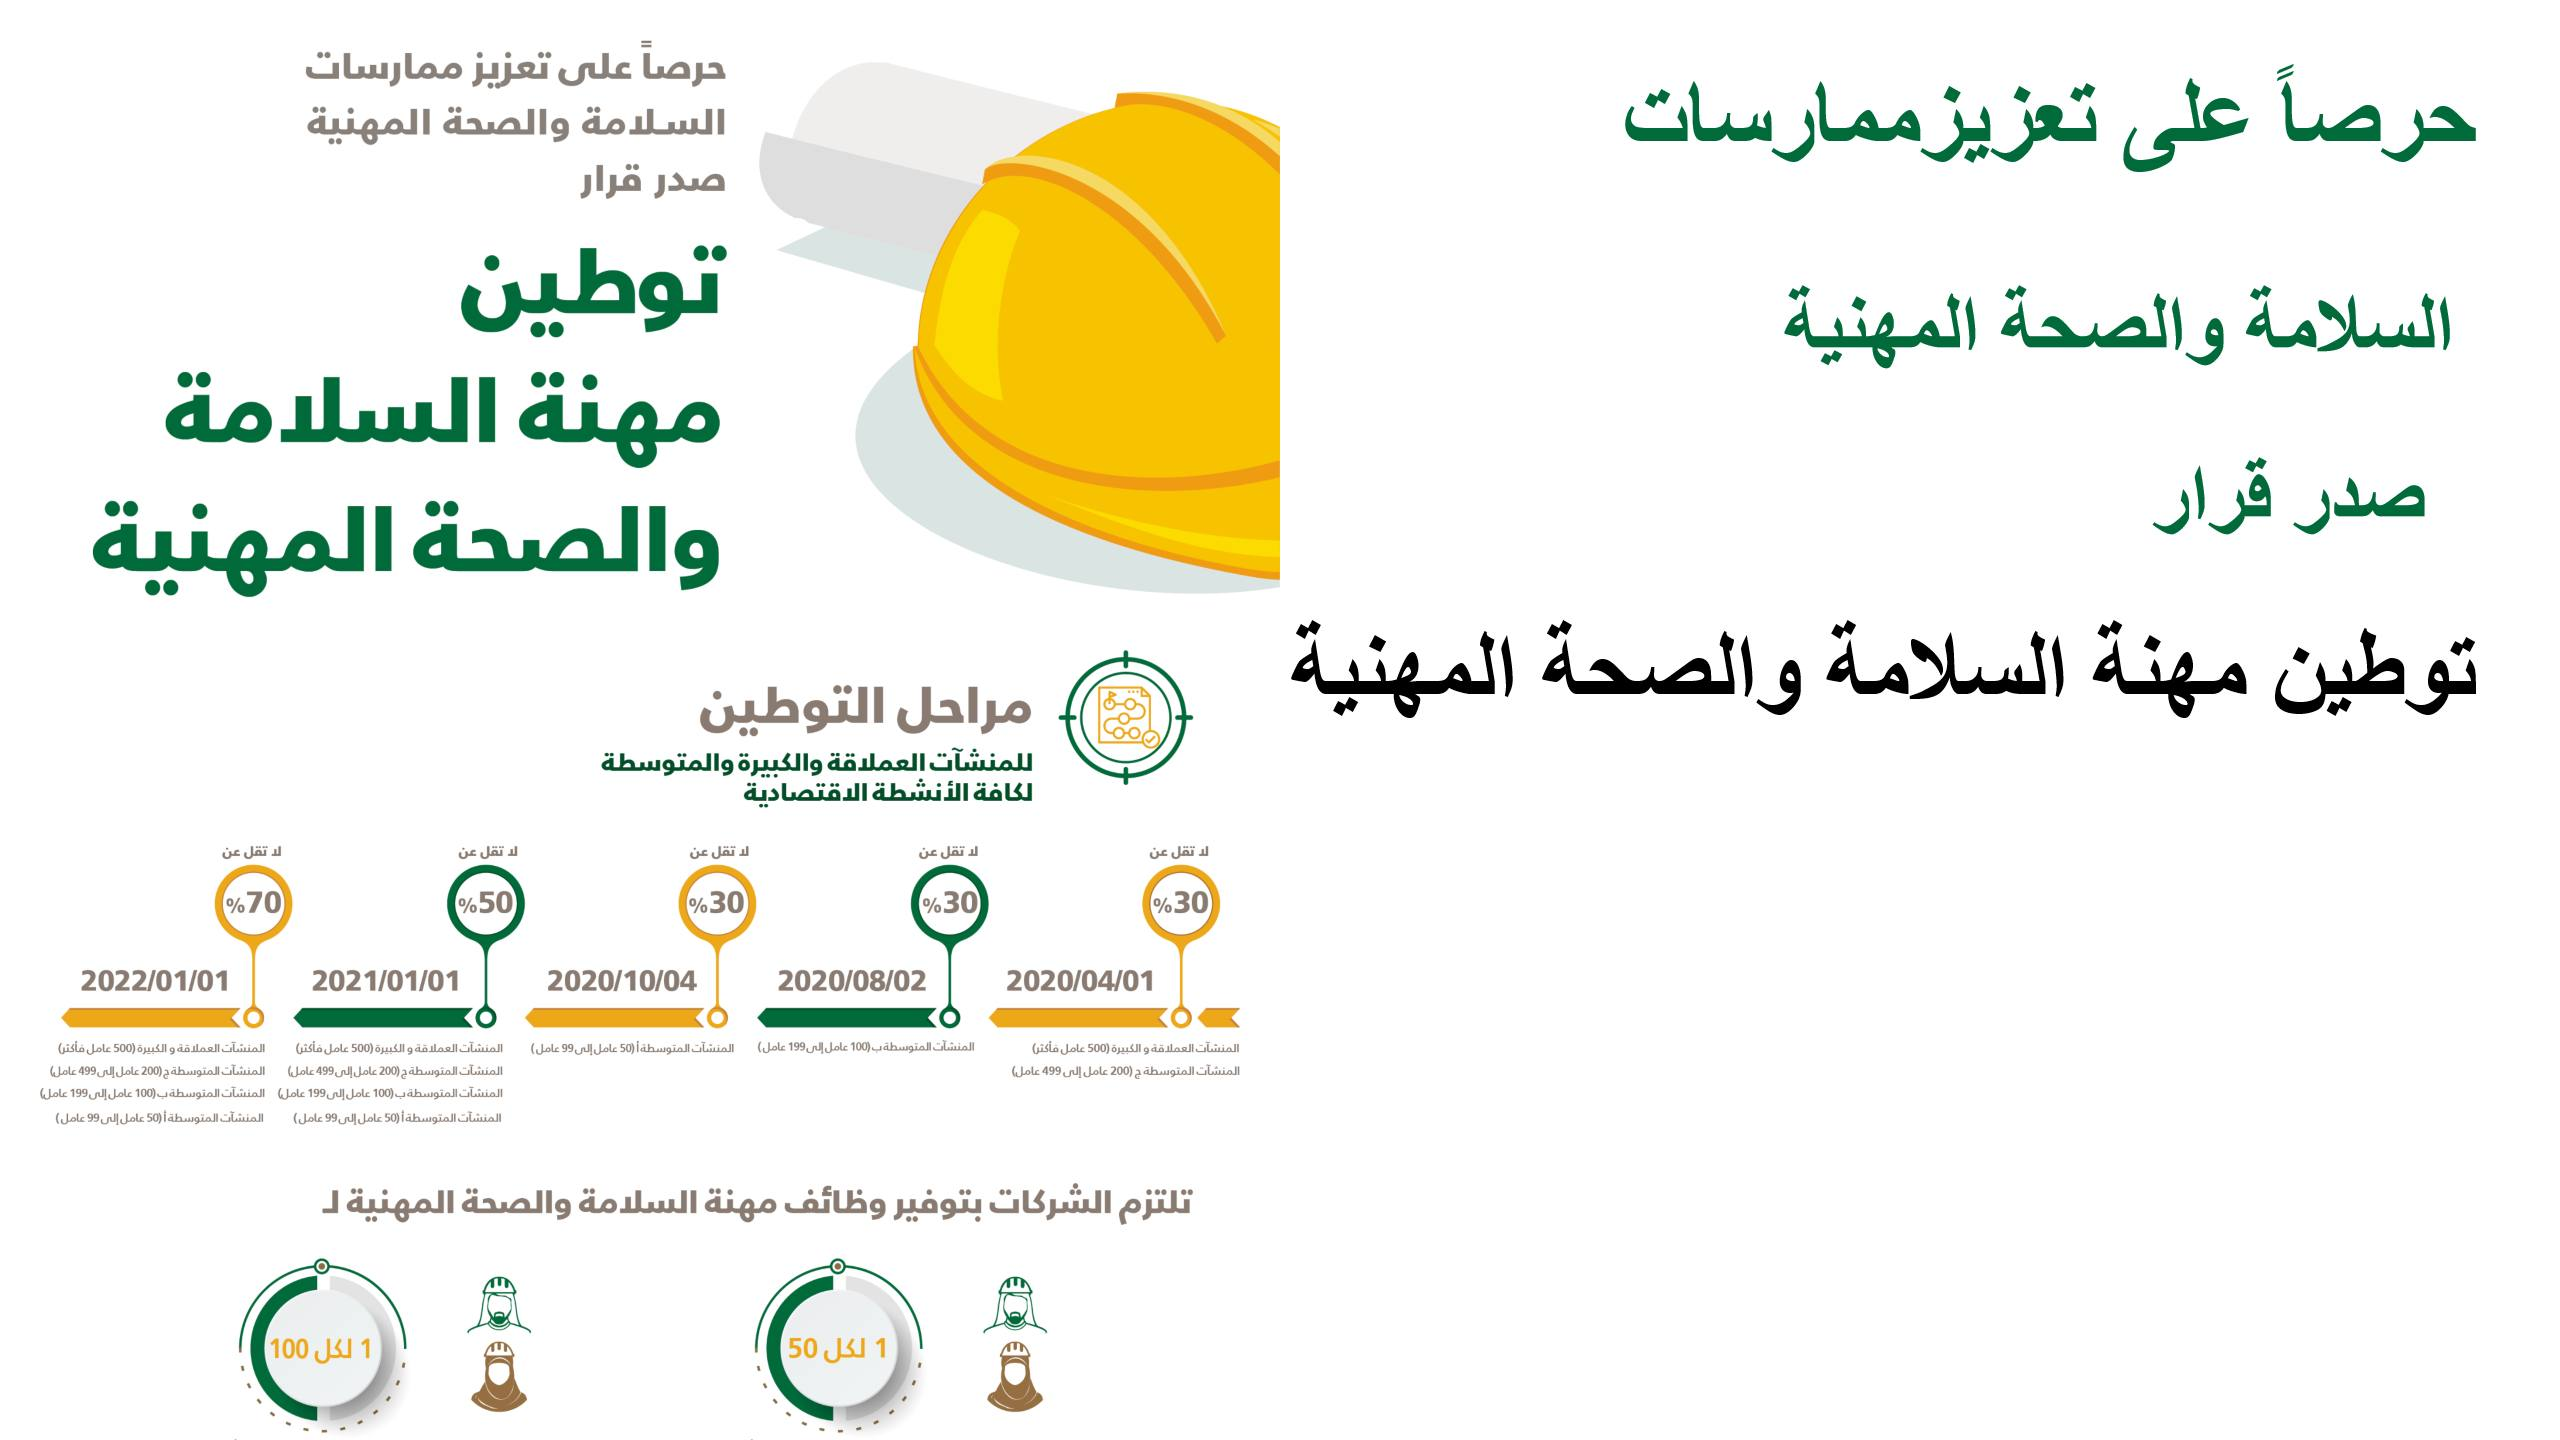 توطين مهنة السلامة والصحة المهنية-2